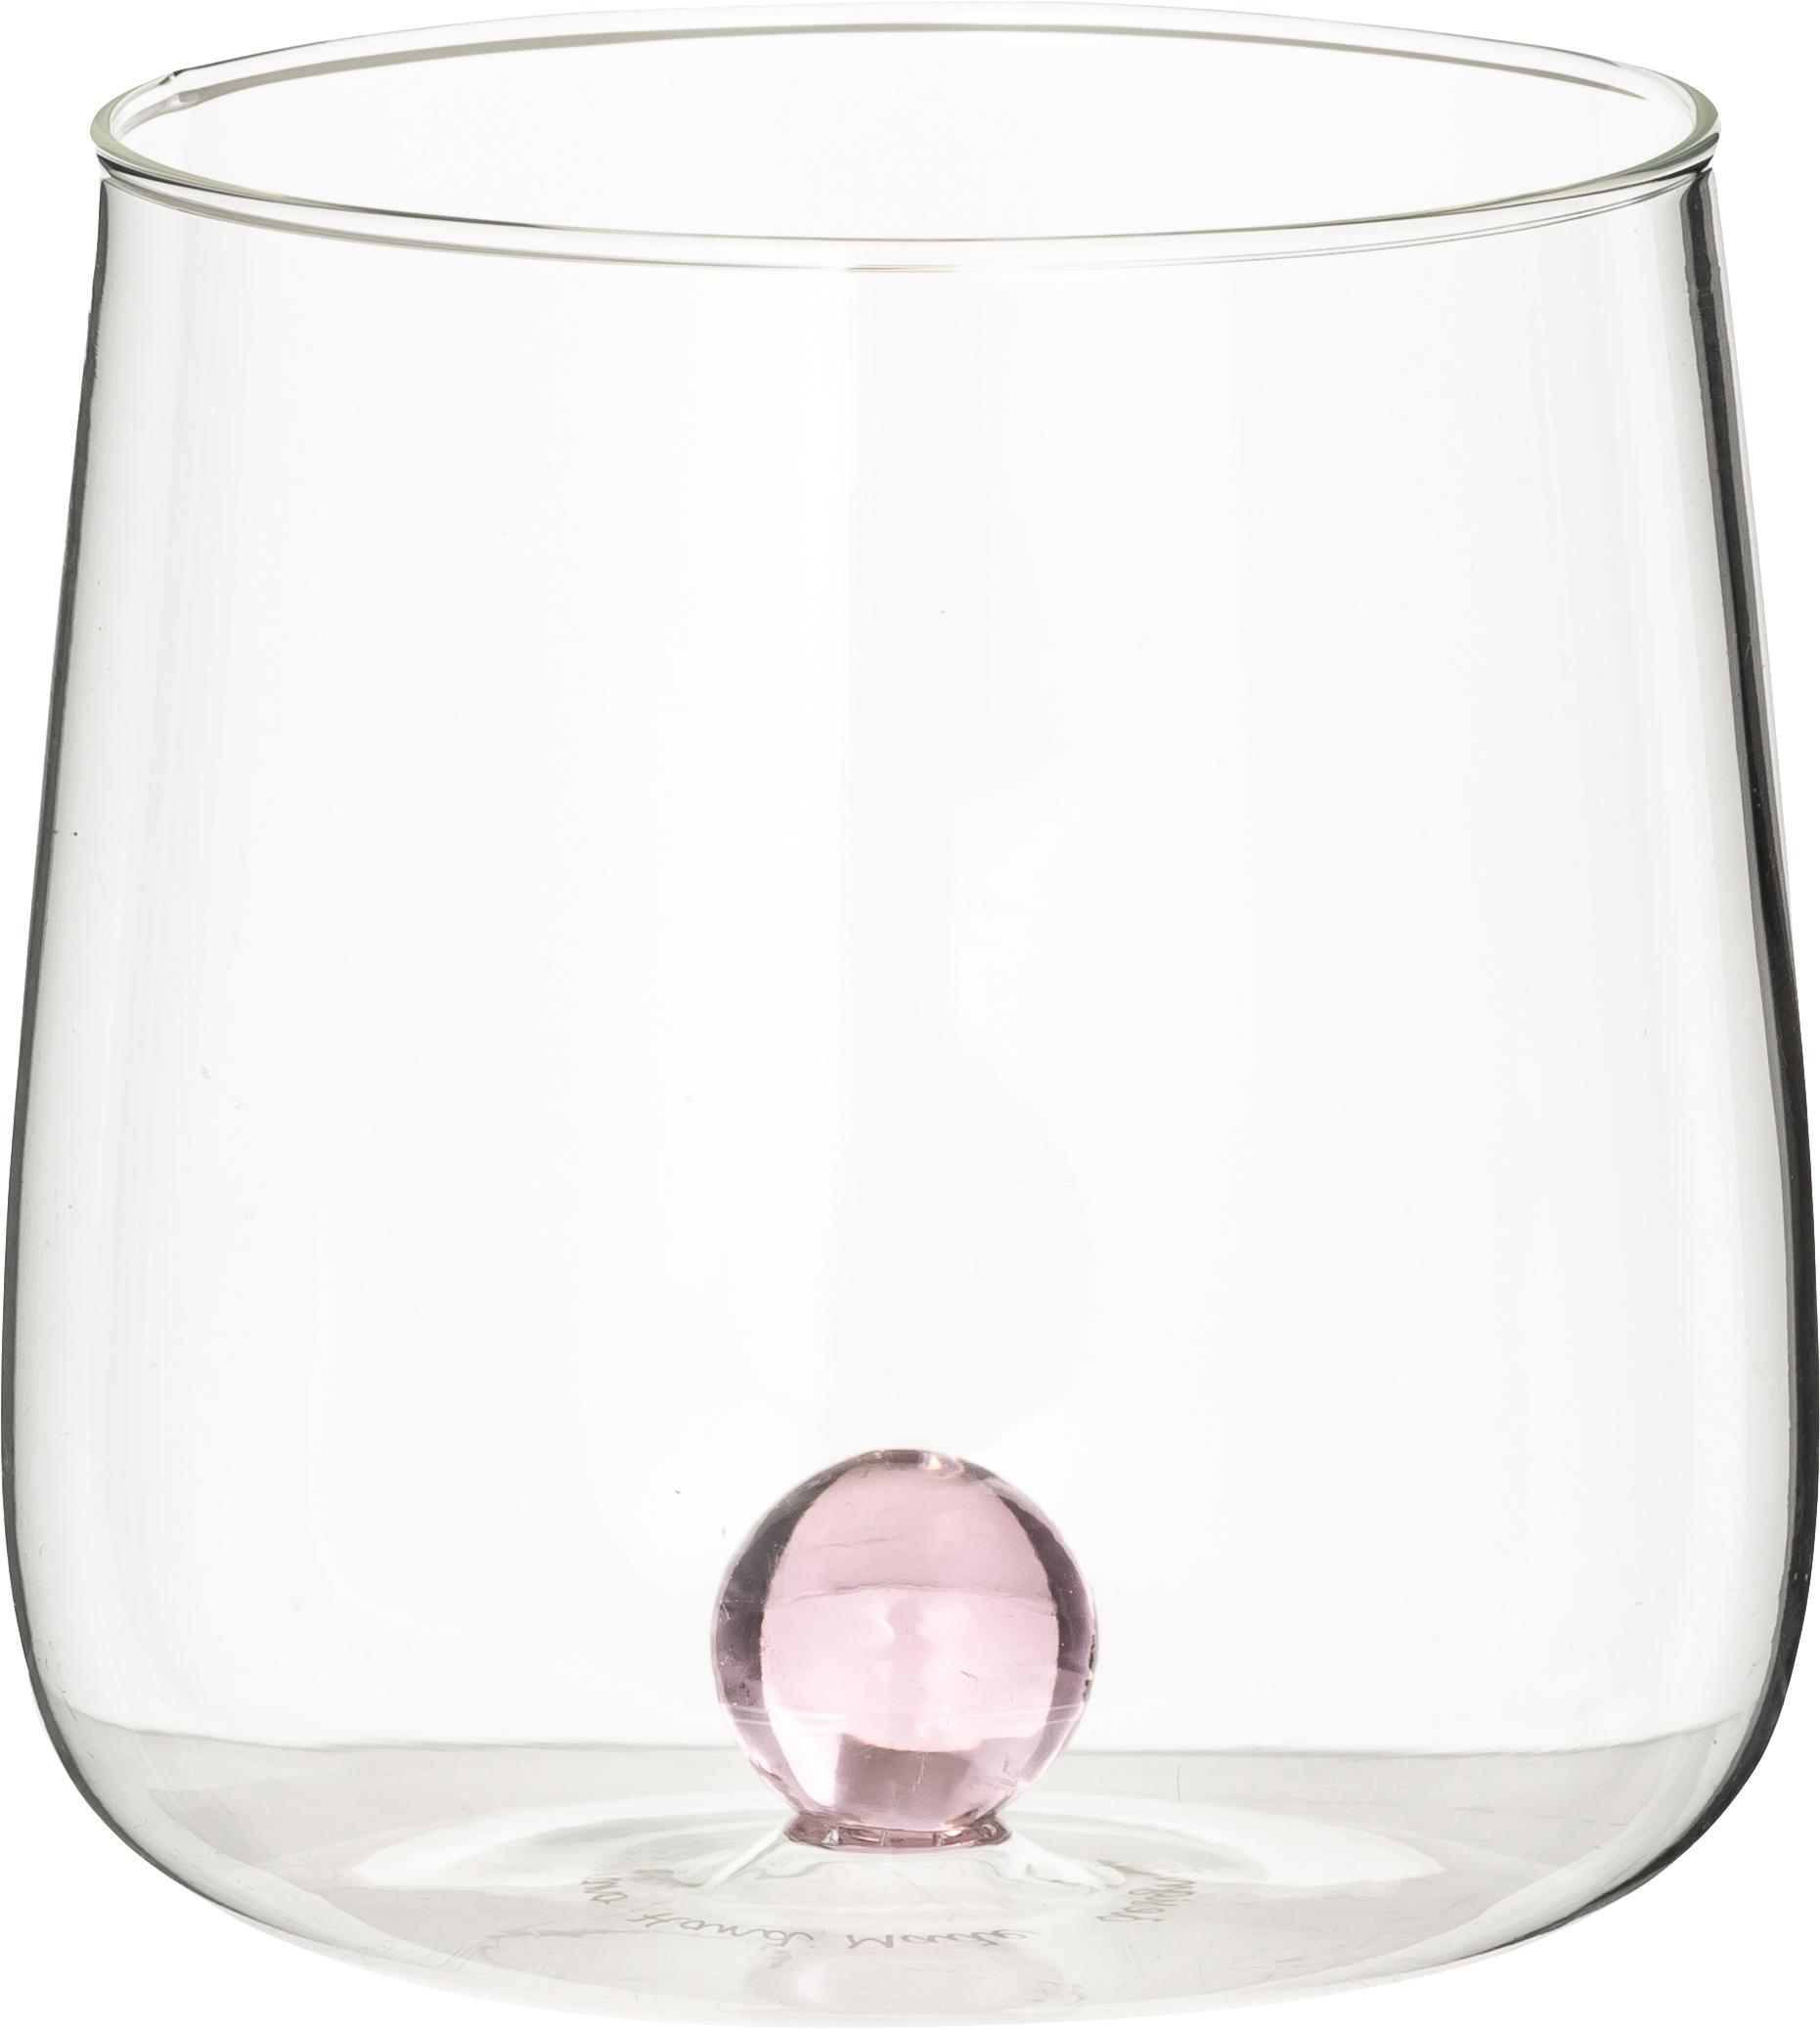 Bicchiere acqua in vetro soffiato Bilia 6 pz, Vetro borosilicato, Trasparente, rosa, Ø 9 x Alt. 9 cm